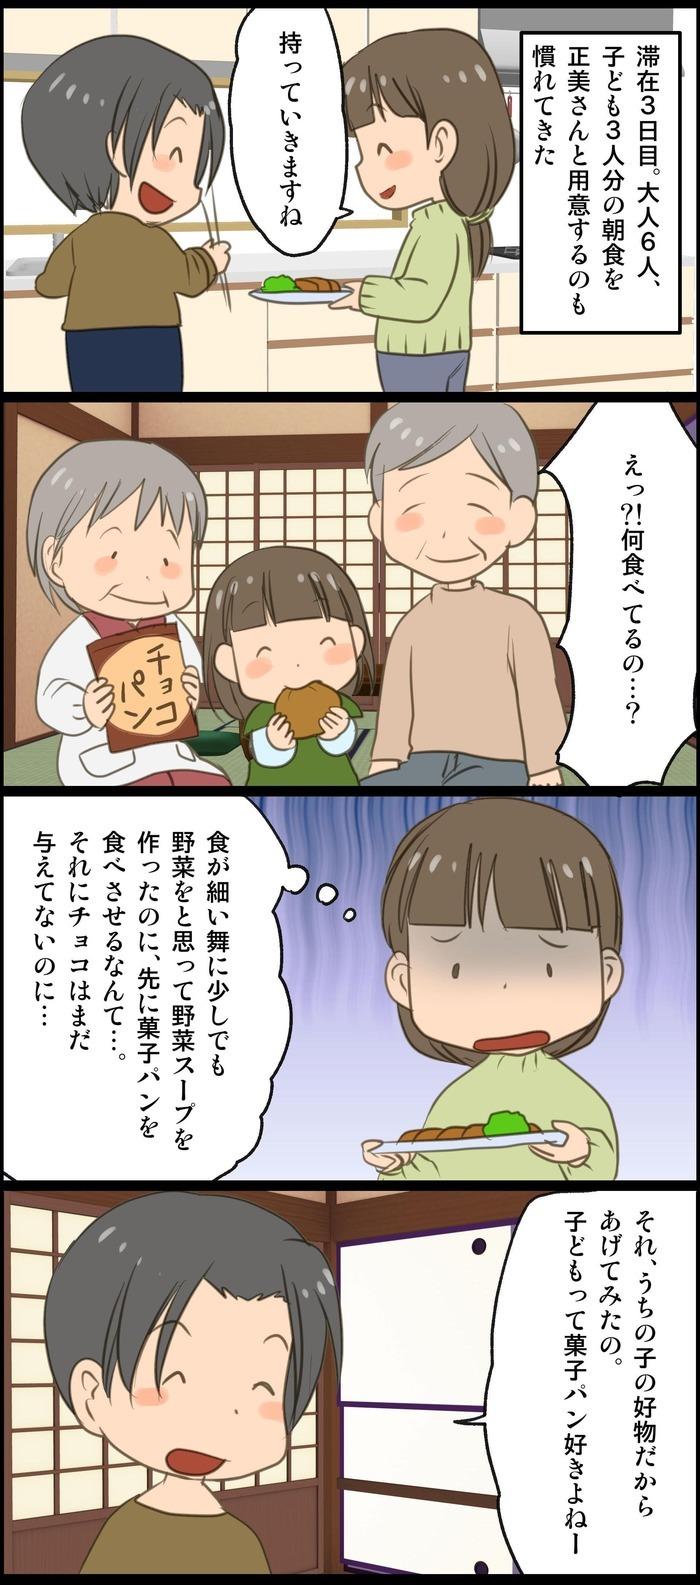 """もう""""怒らない""""と決めた日、義姉の口出しにモヤモヤ…今週のおすすめ記事!の画像8"""